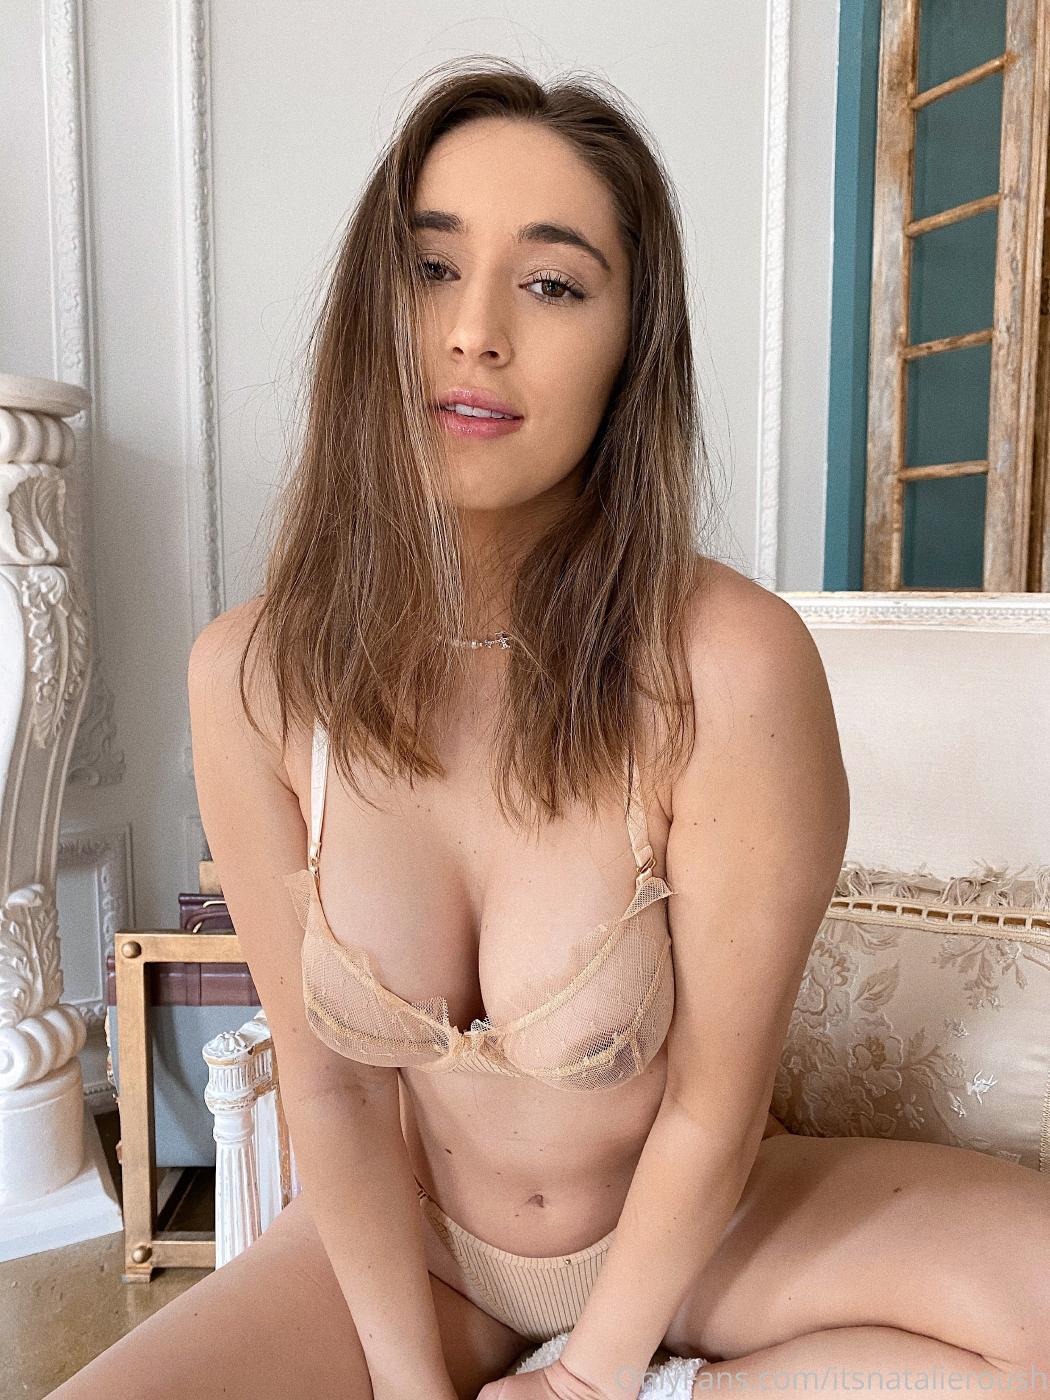 Natalie Roush Nude Sheer Bra Onlyfans Set Leaked 0009